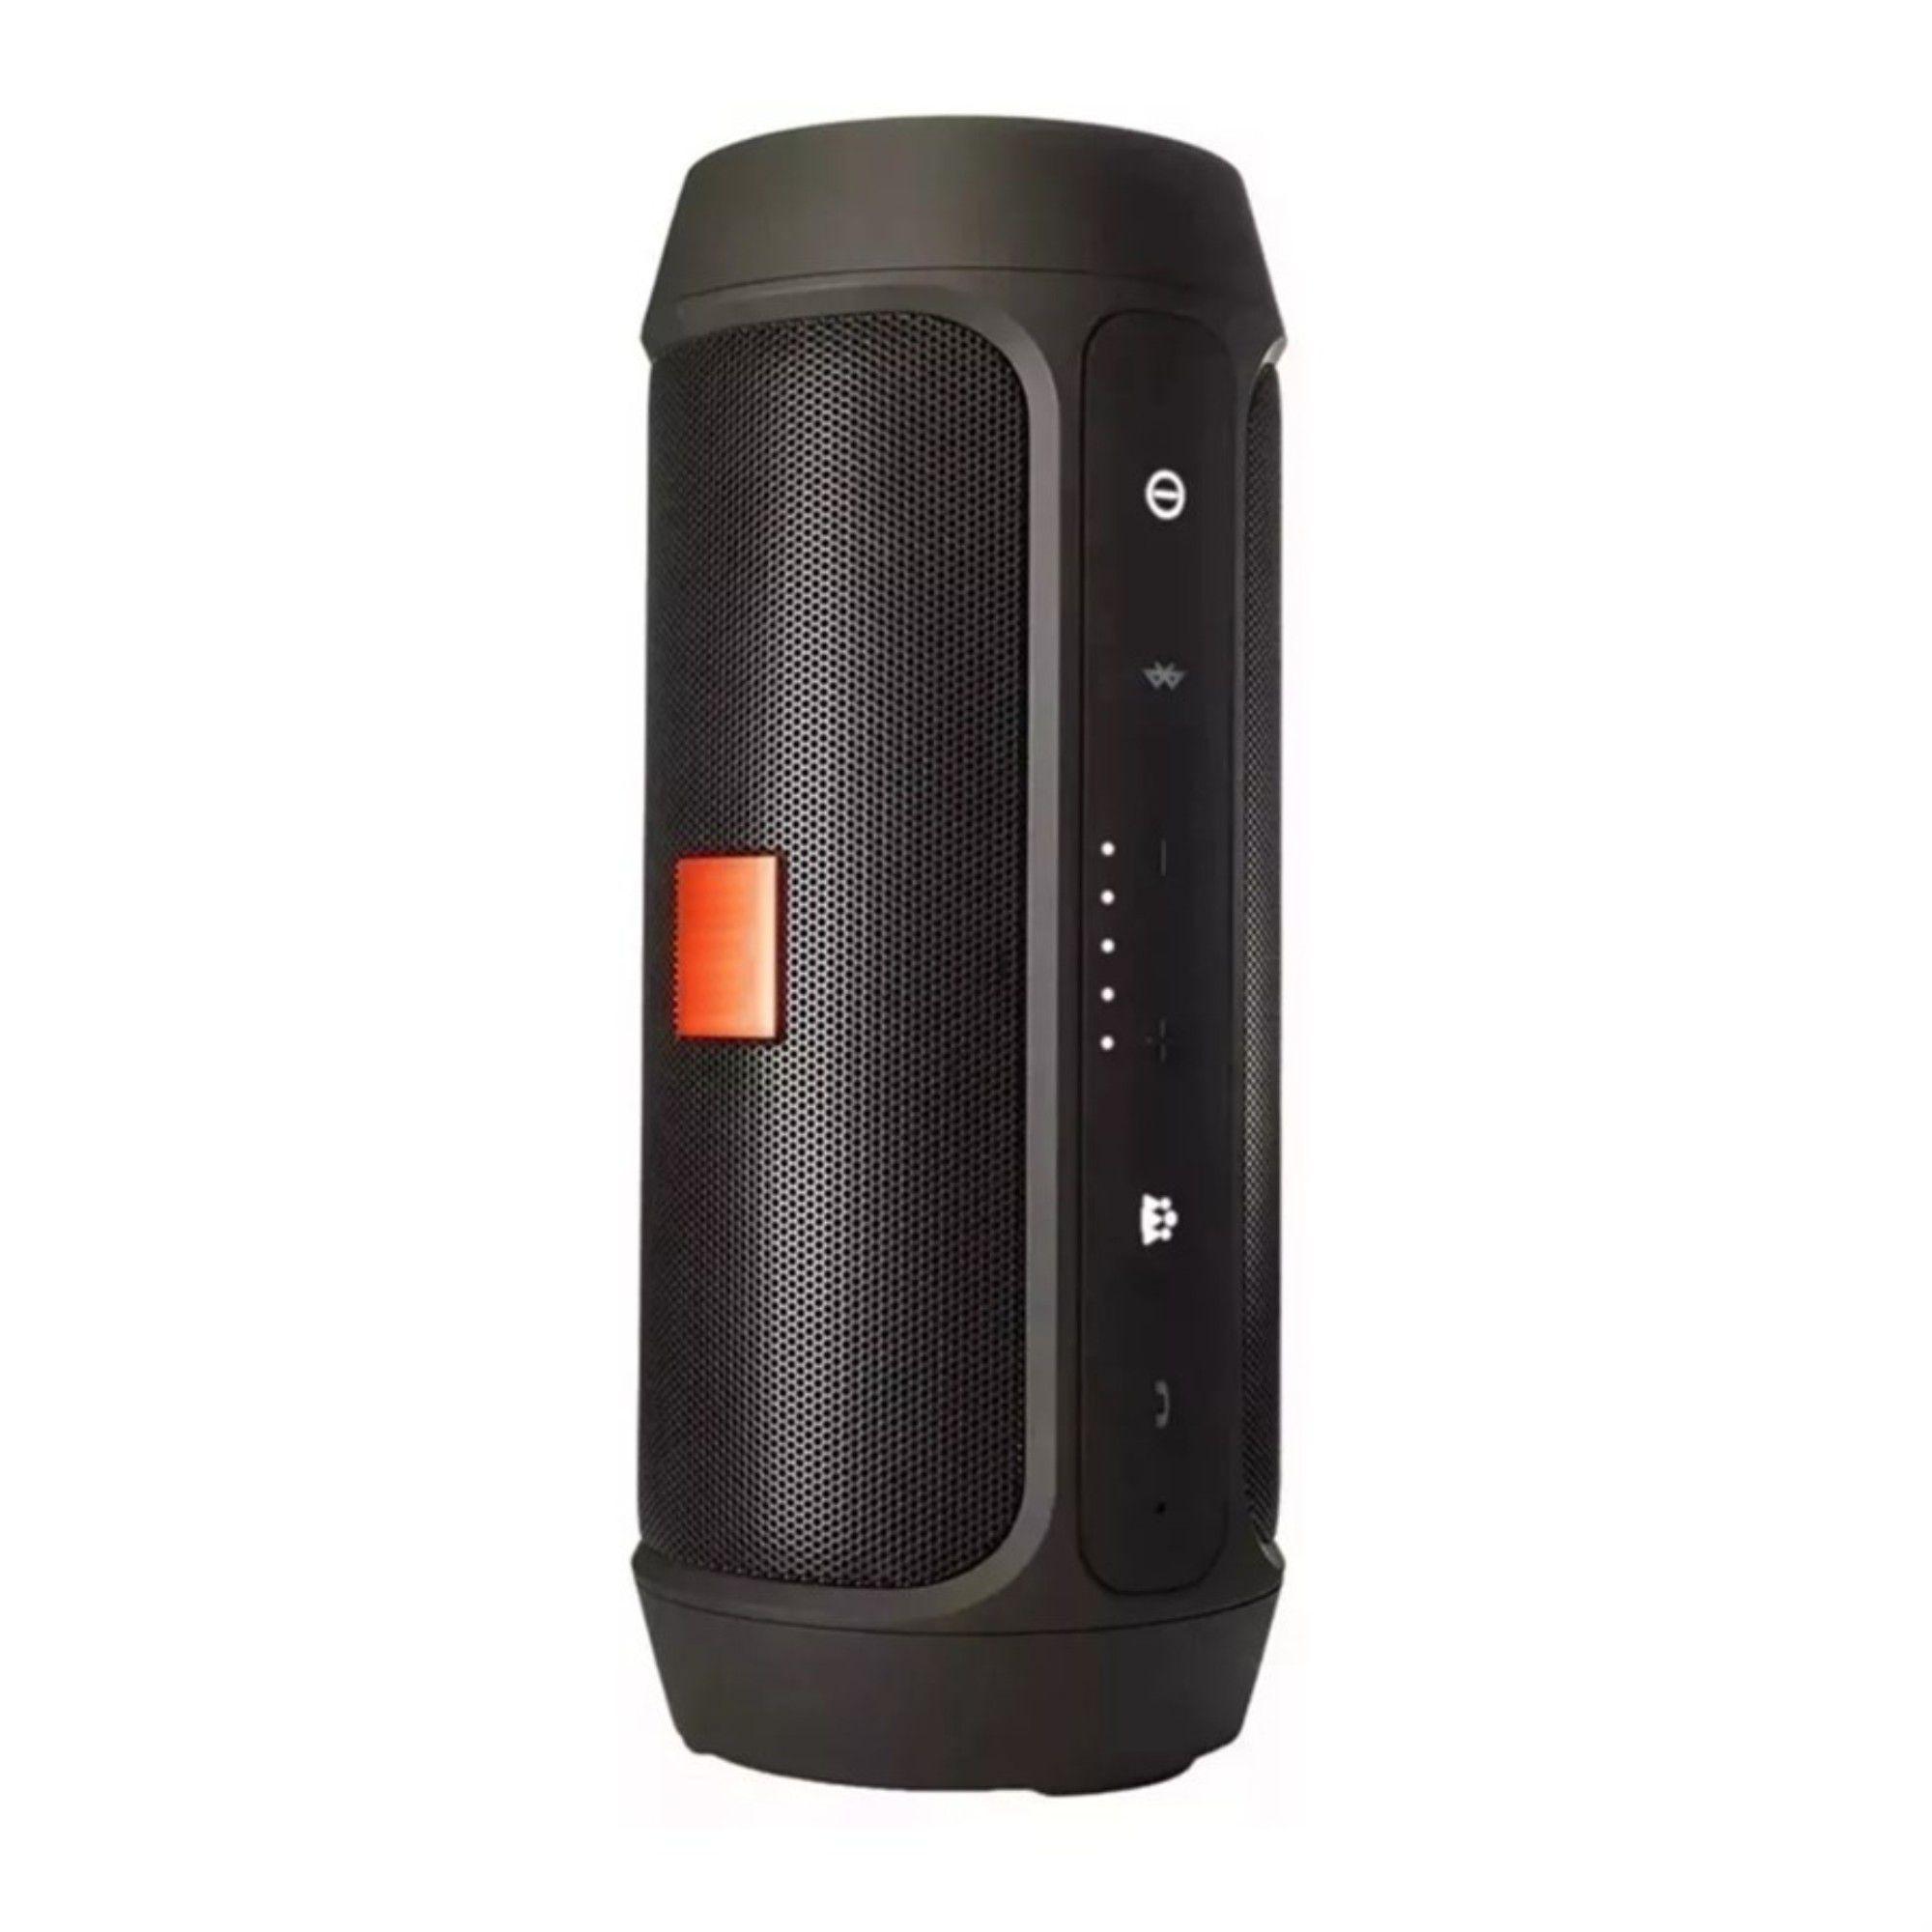 Caixa De Som F+2 C/ Bateria 12 Horas Resistente a Agua